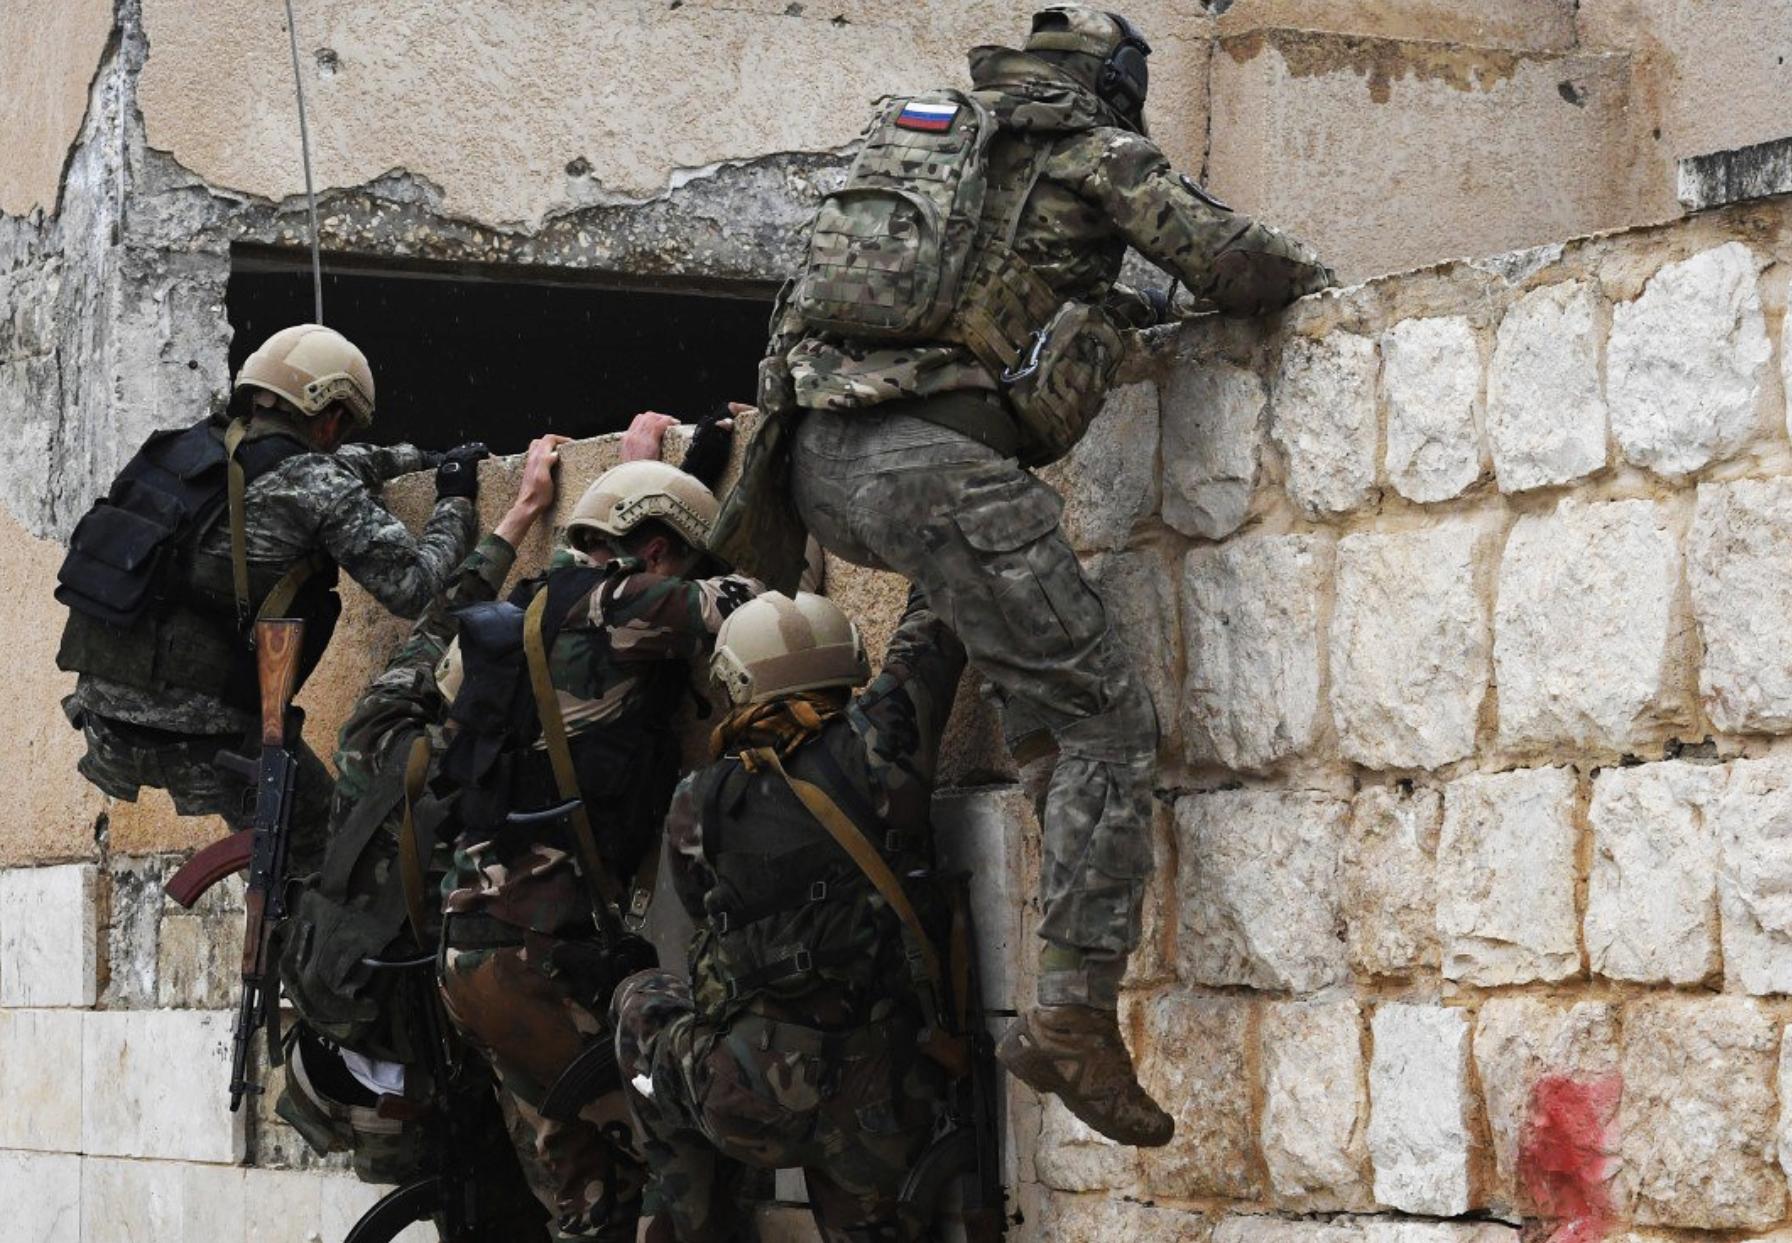 """صورة مكافحة الإرهاب الأمريكية تكتشف دعم الإمارات لمرتزقة """"فاغنر"""" الروسية في ليبيا- ما القادم؟"""